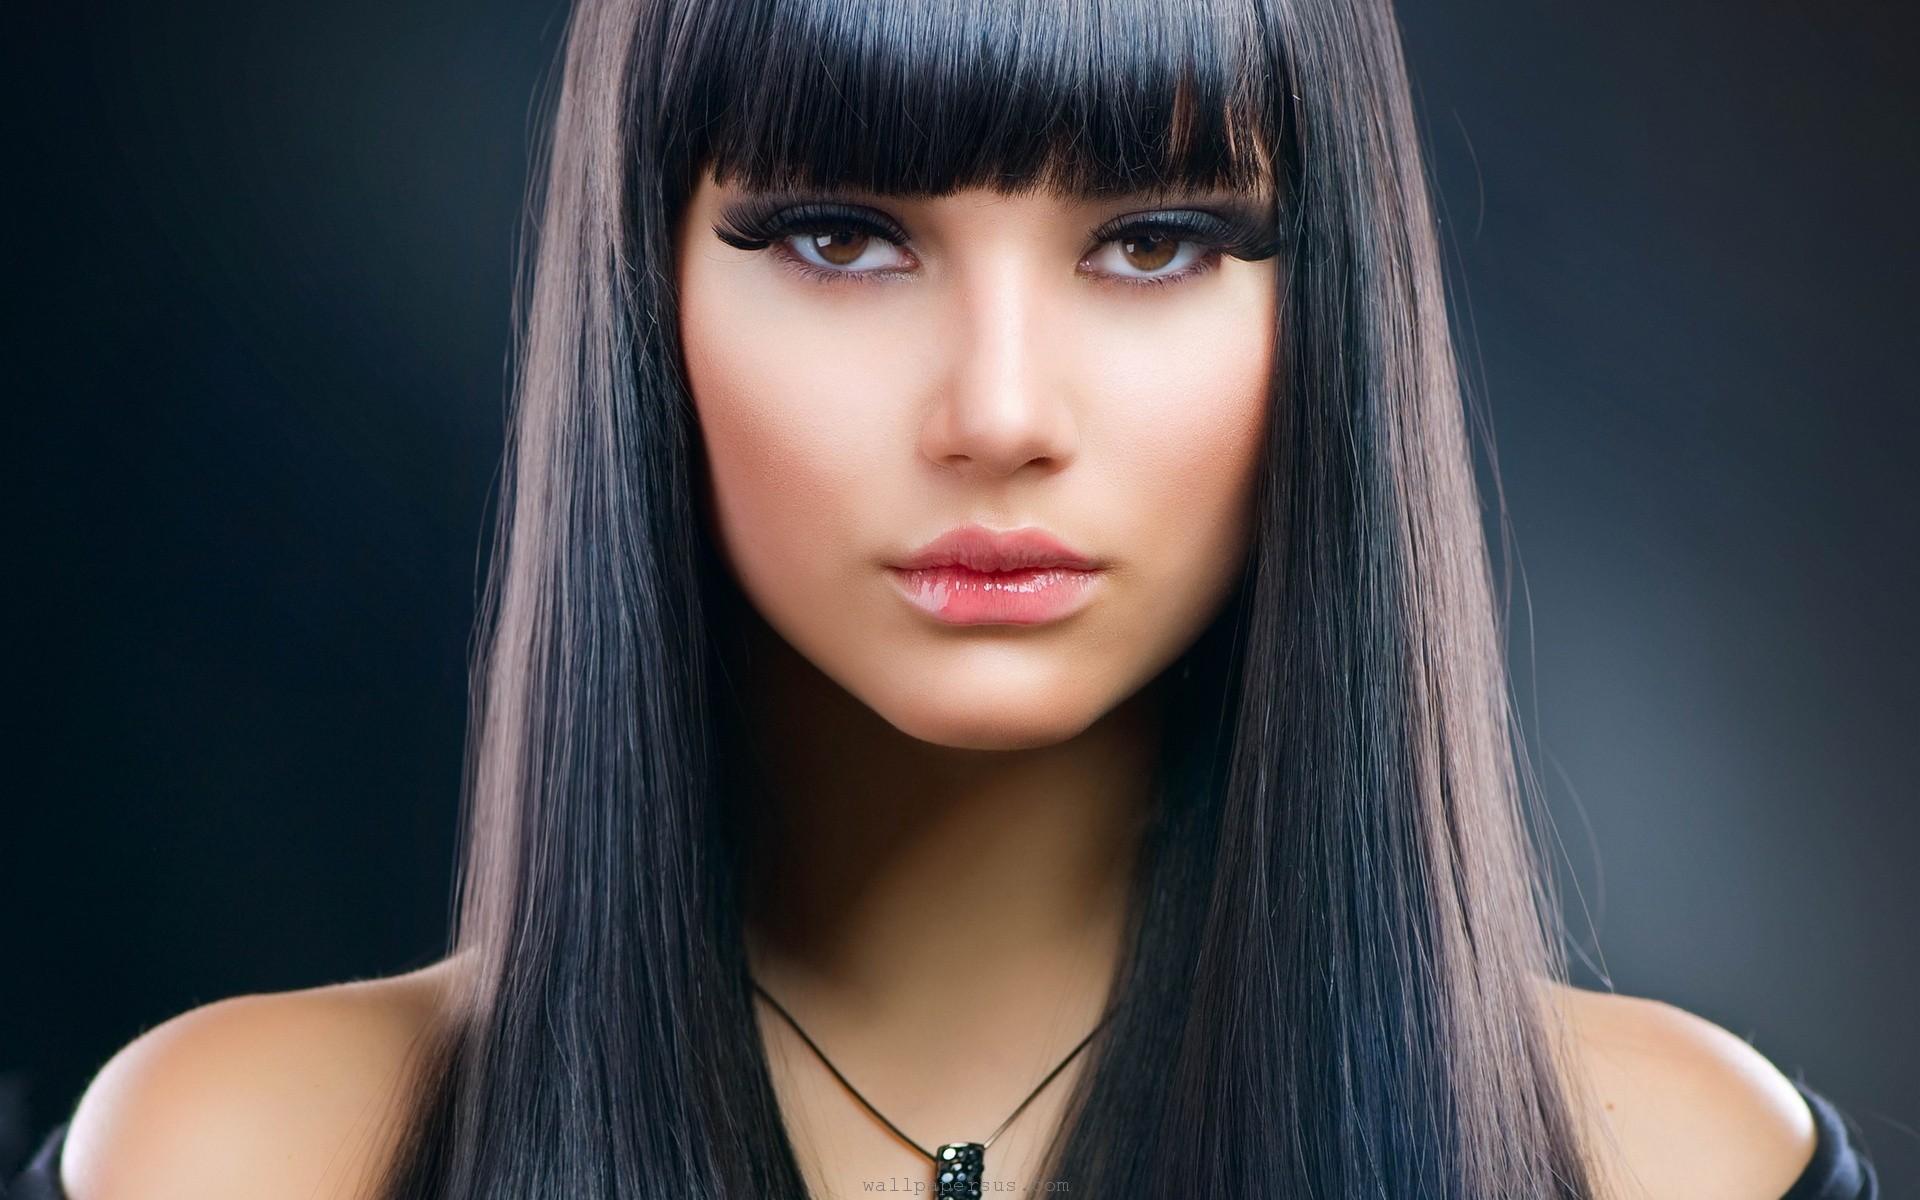 women-models-necklaces-faces-black-hair